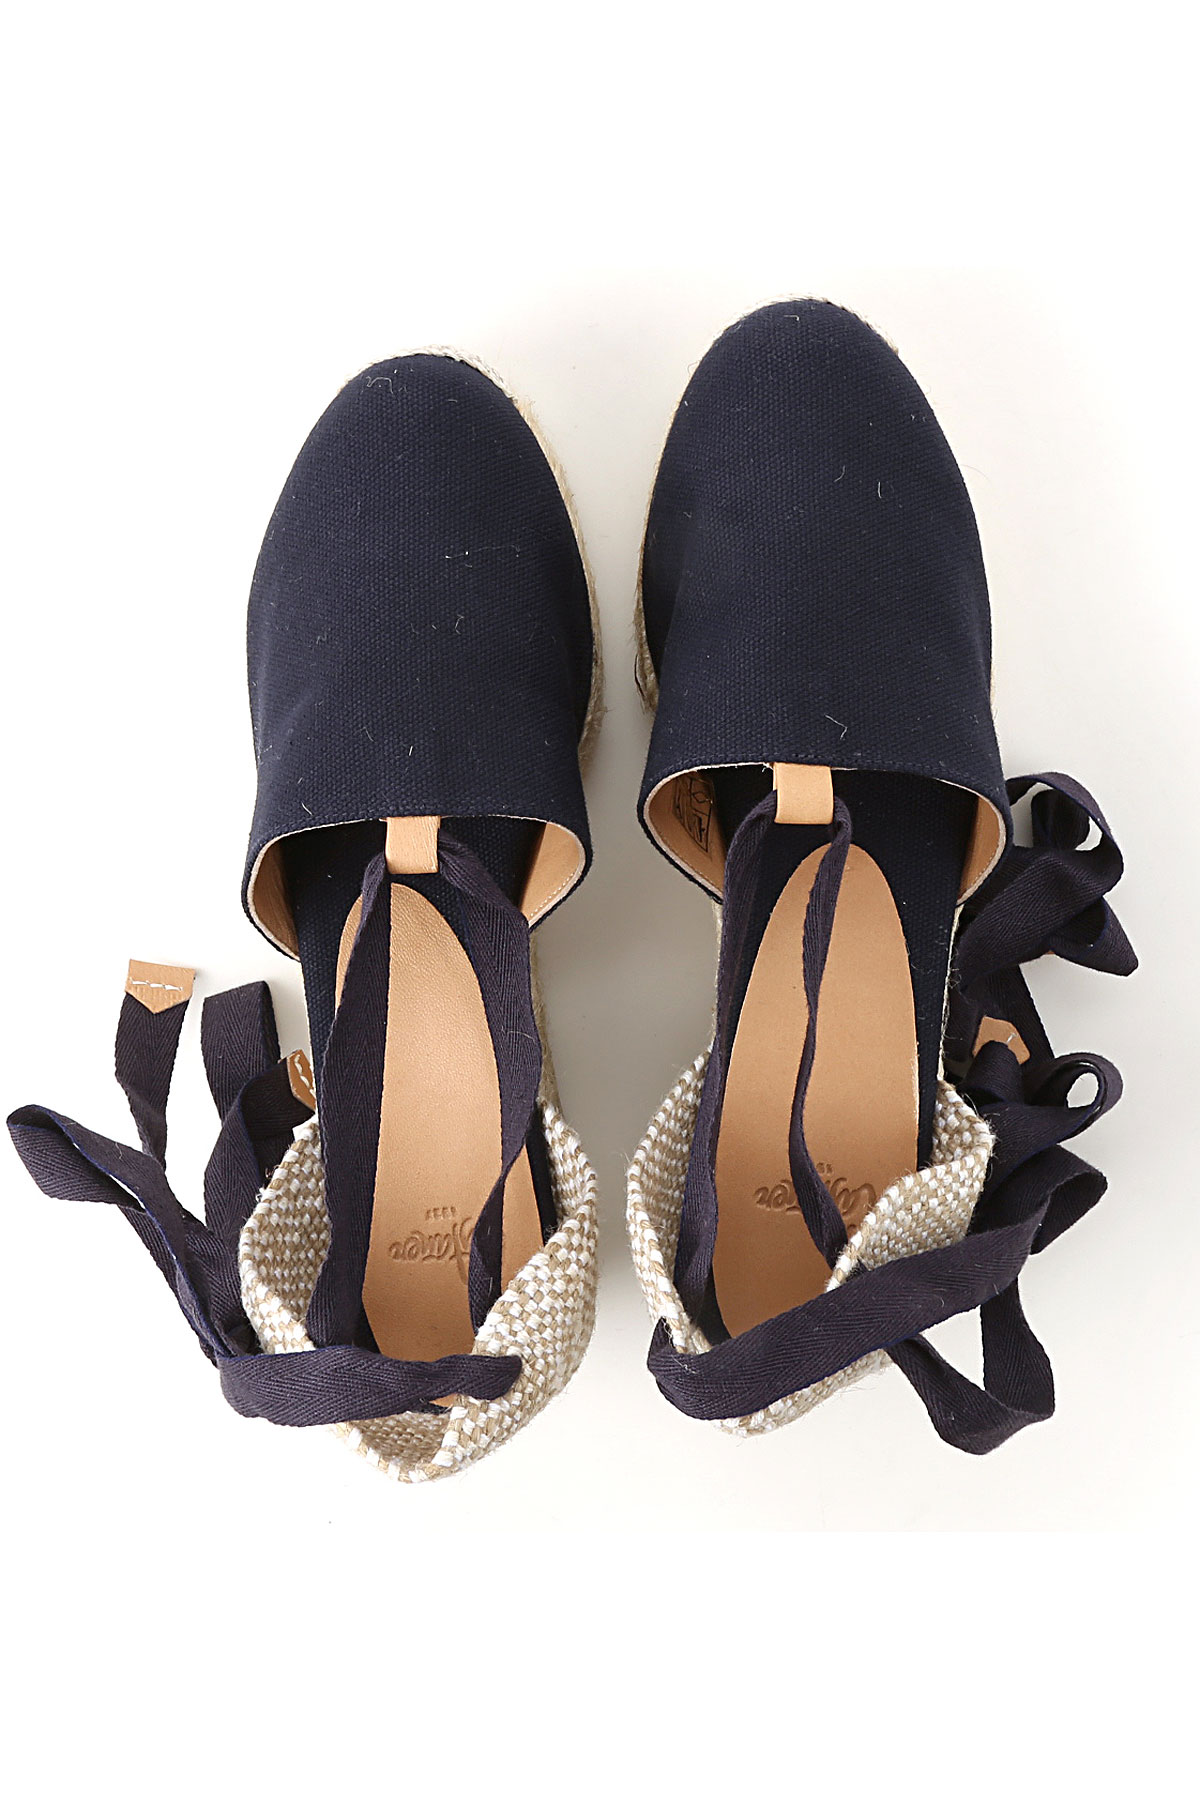 c3653df95e7e 2019 verano Azul nbsp  Para Oscuro Primavera Mujer Castaner Zapatos qPOIXX